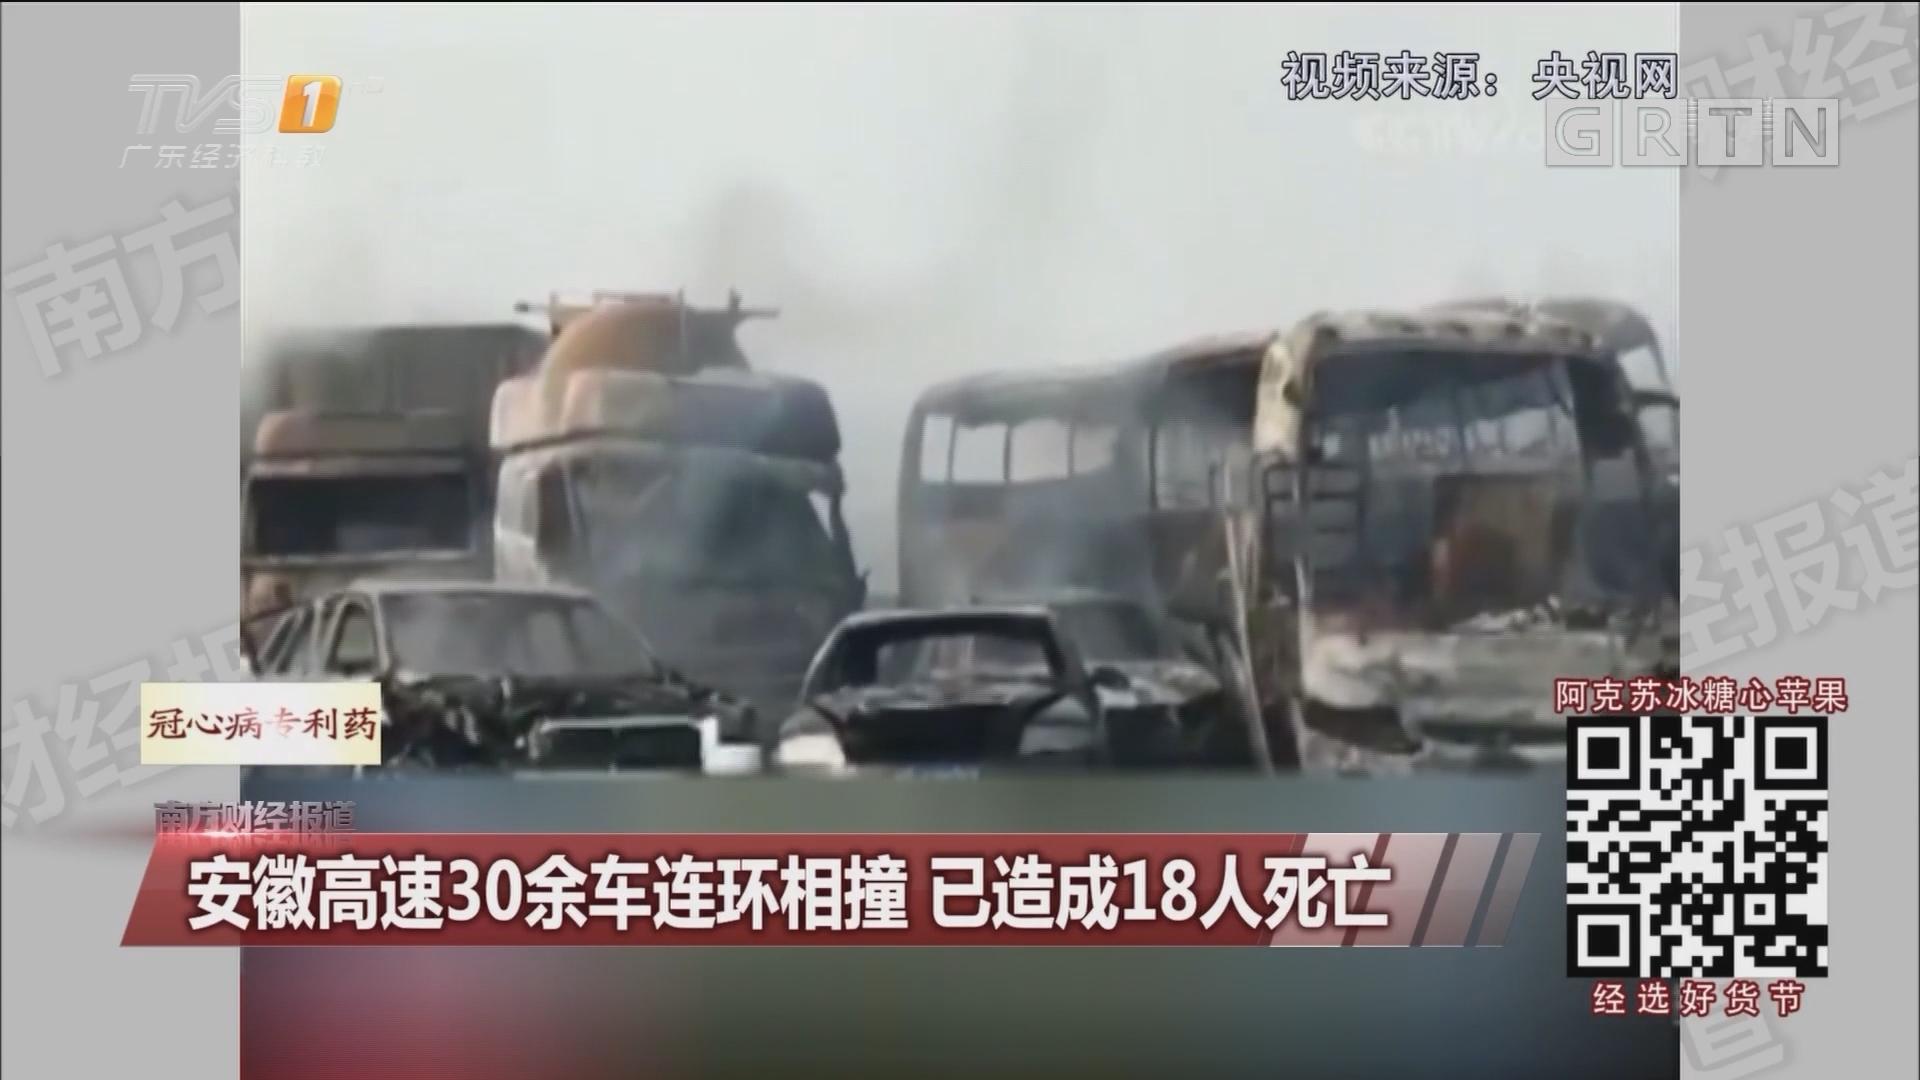 安徽高速30余车连环相撞 已造成18人死亡